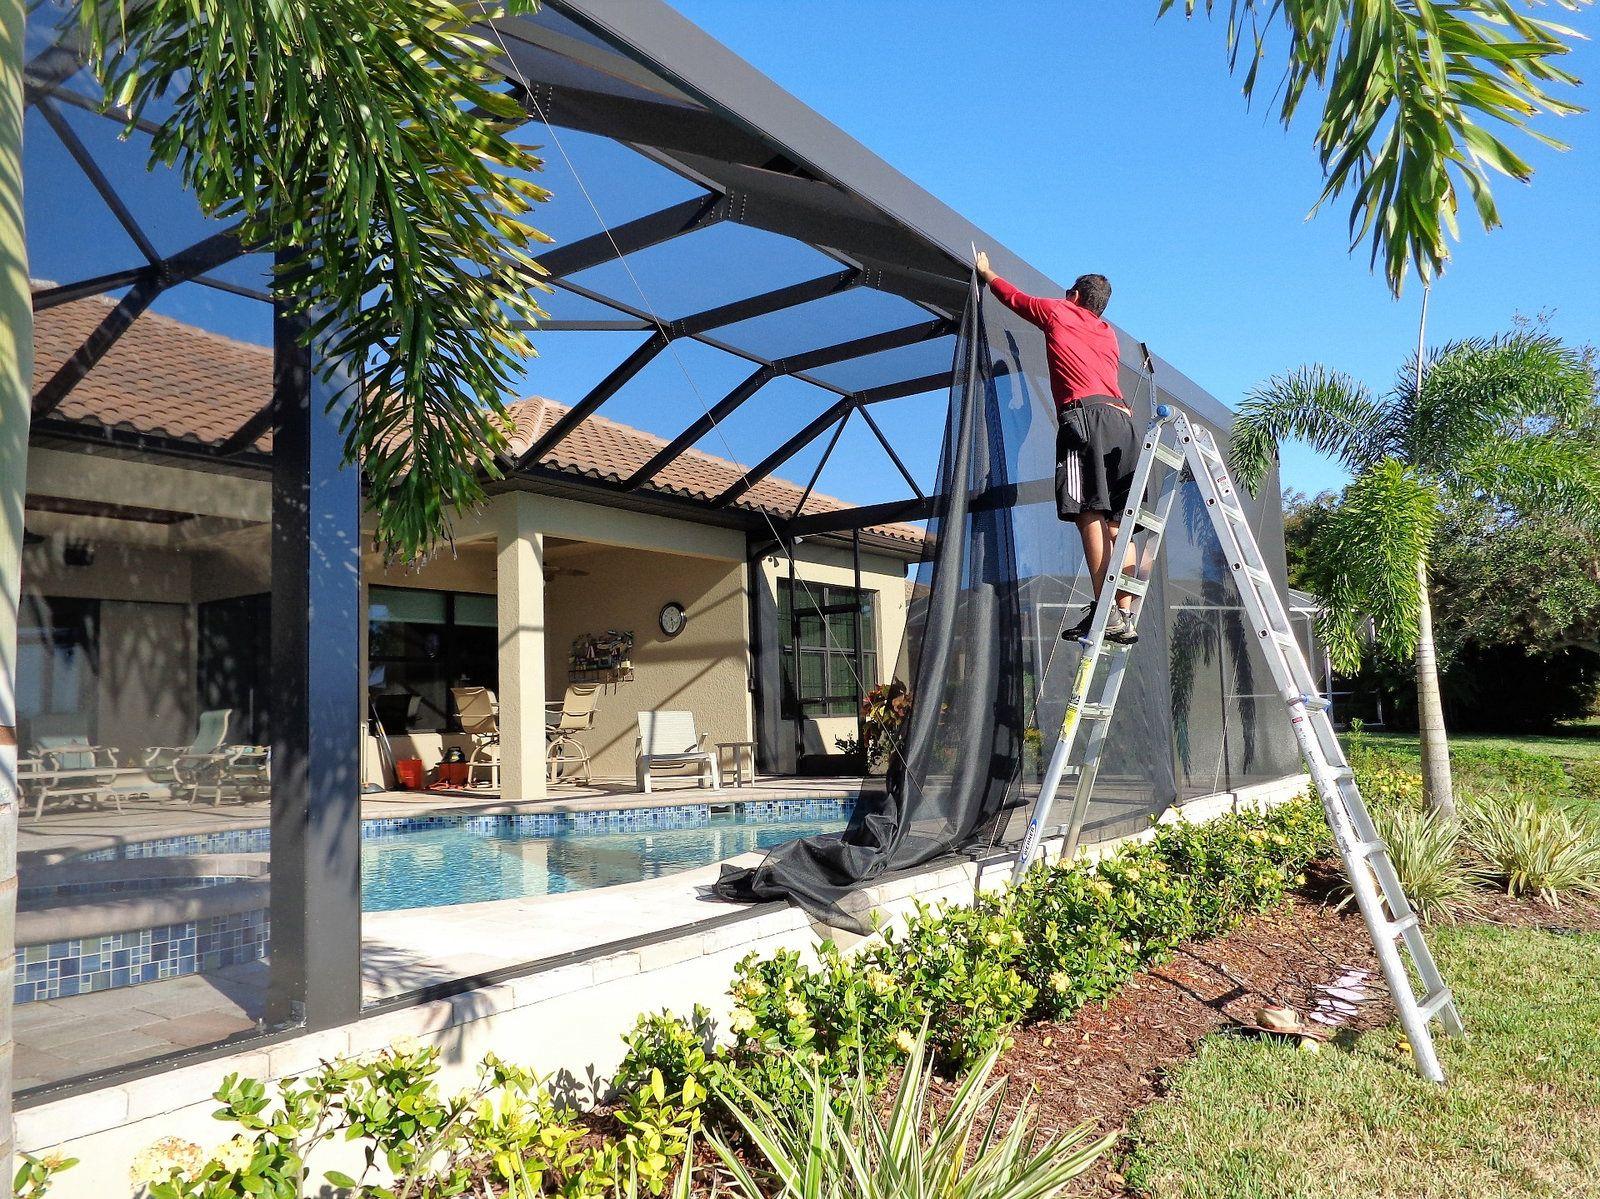 Patio Rescreen Pool Cage Rescreening Or Repair Pool Cage Pool Patio